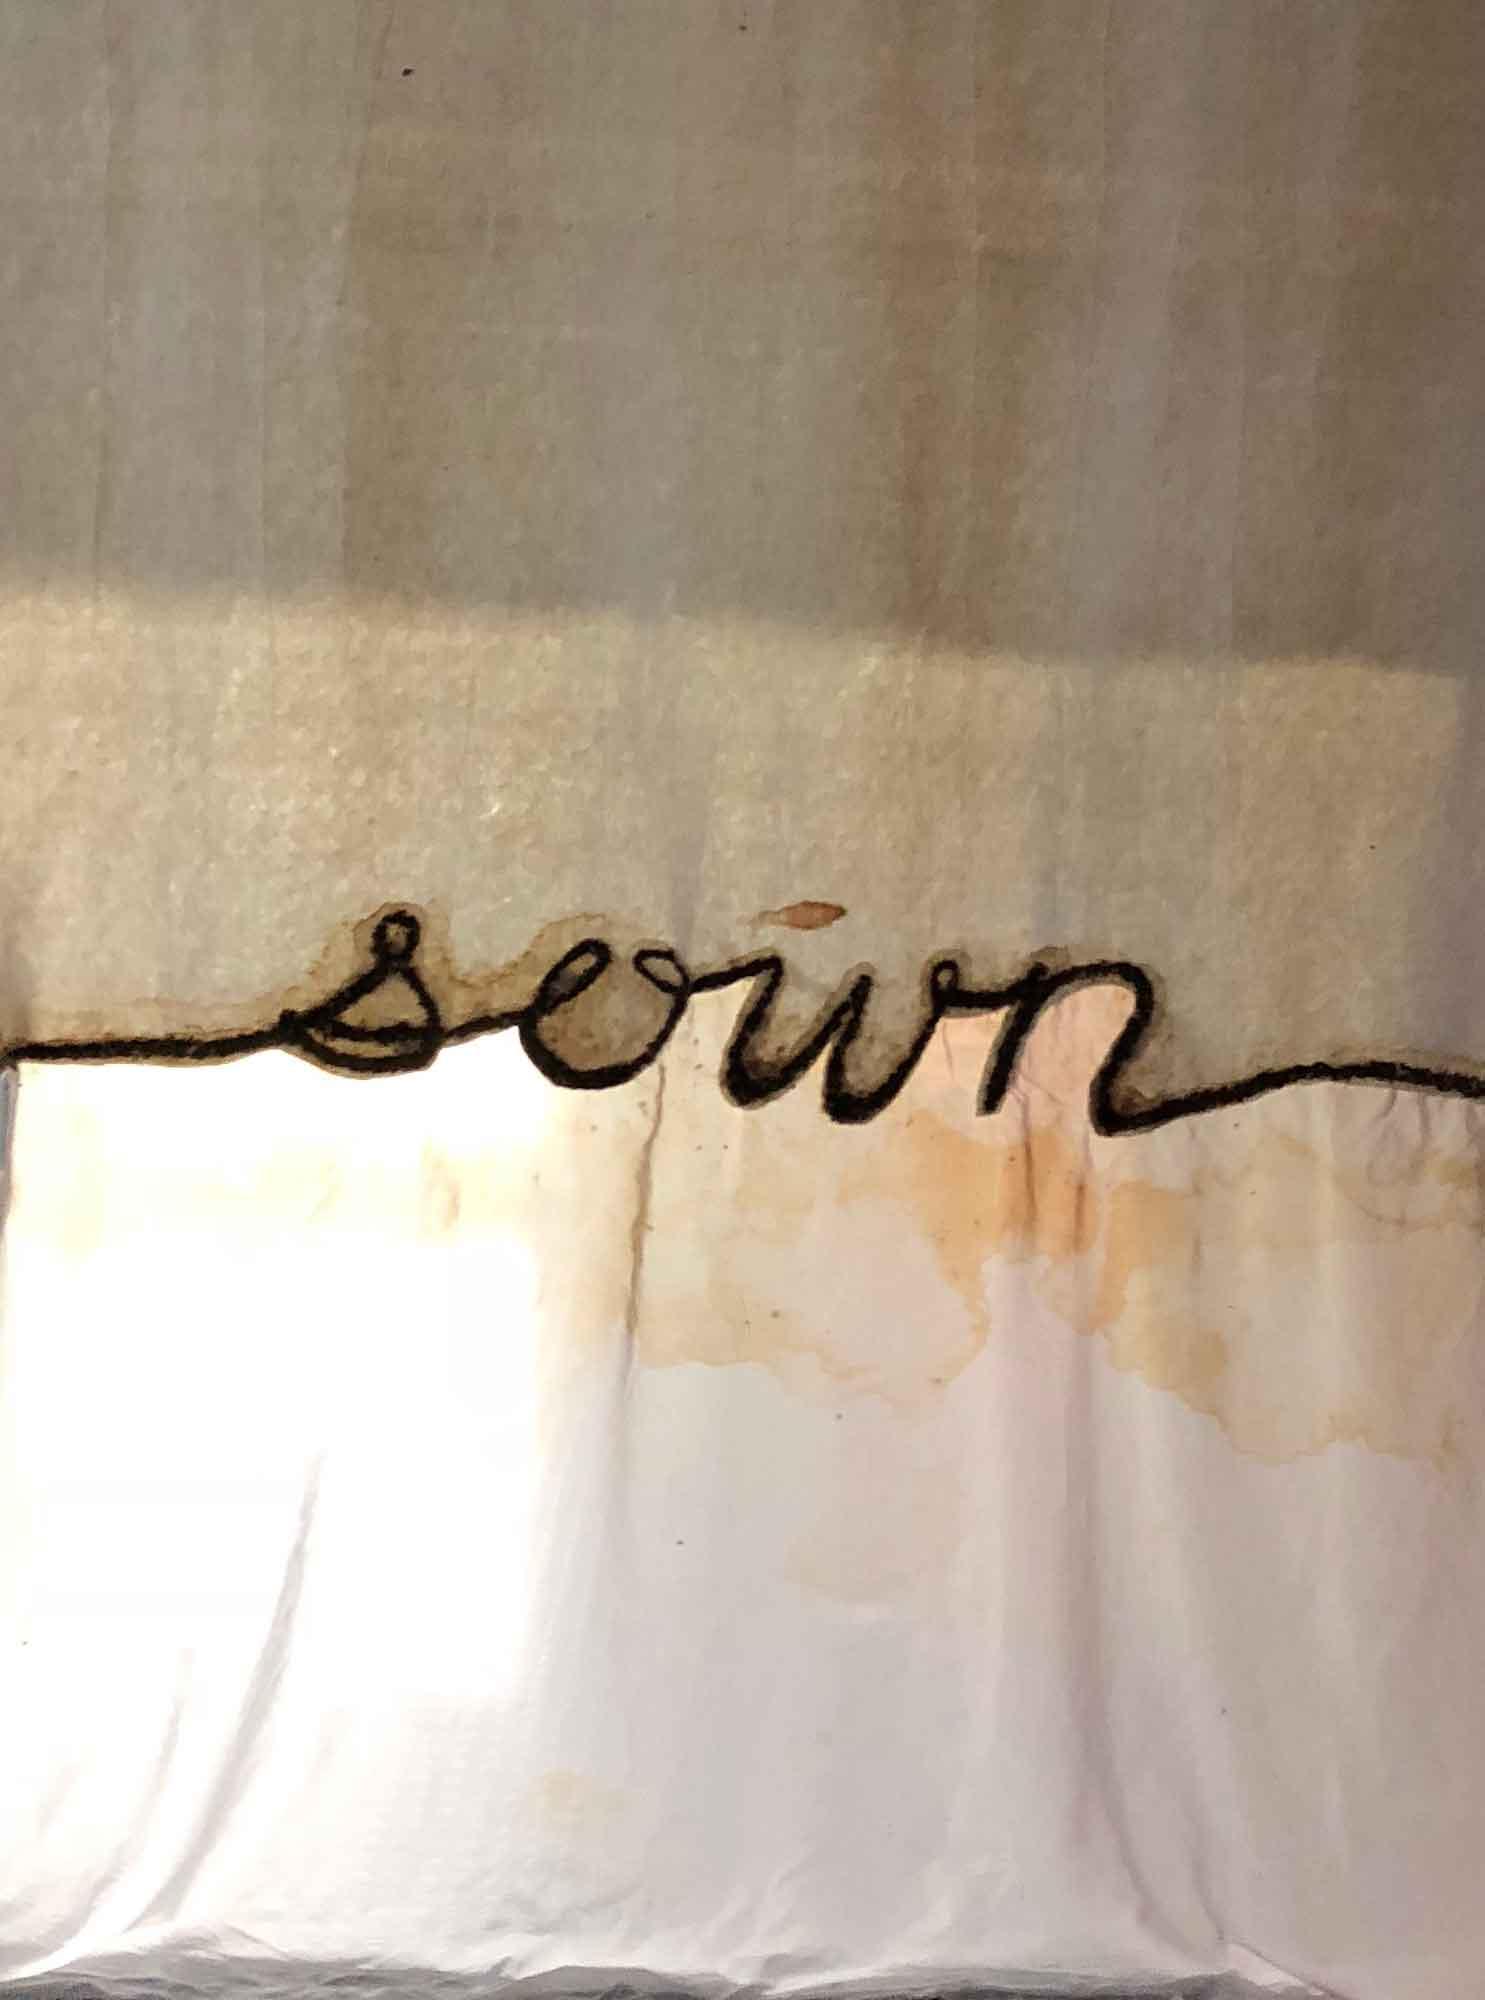 sown (hanging)